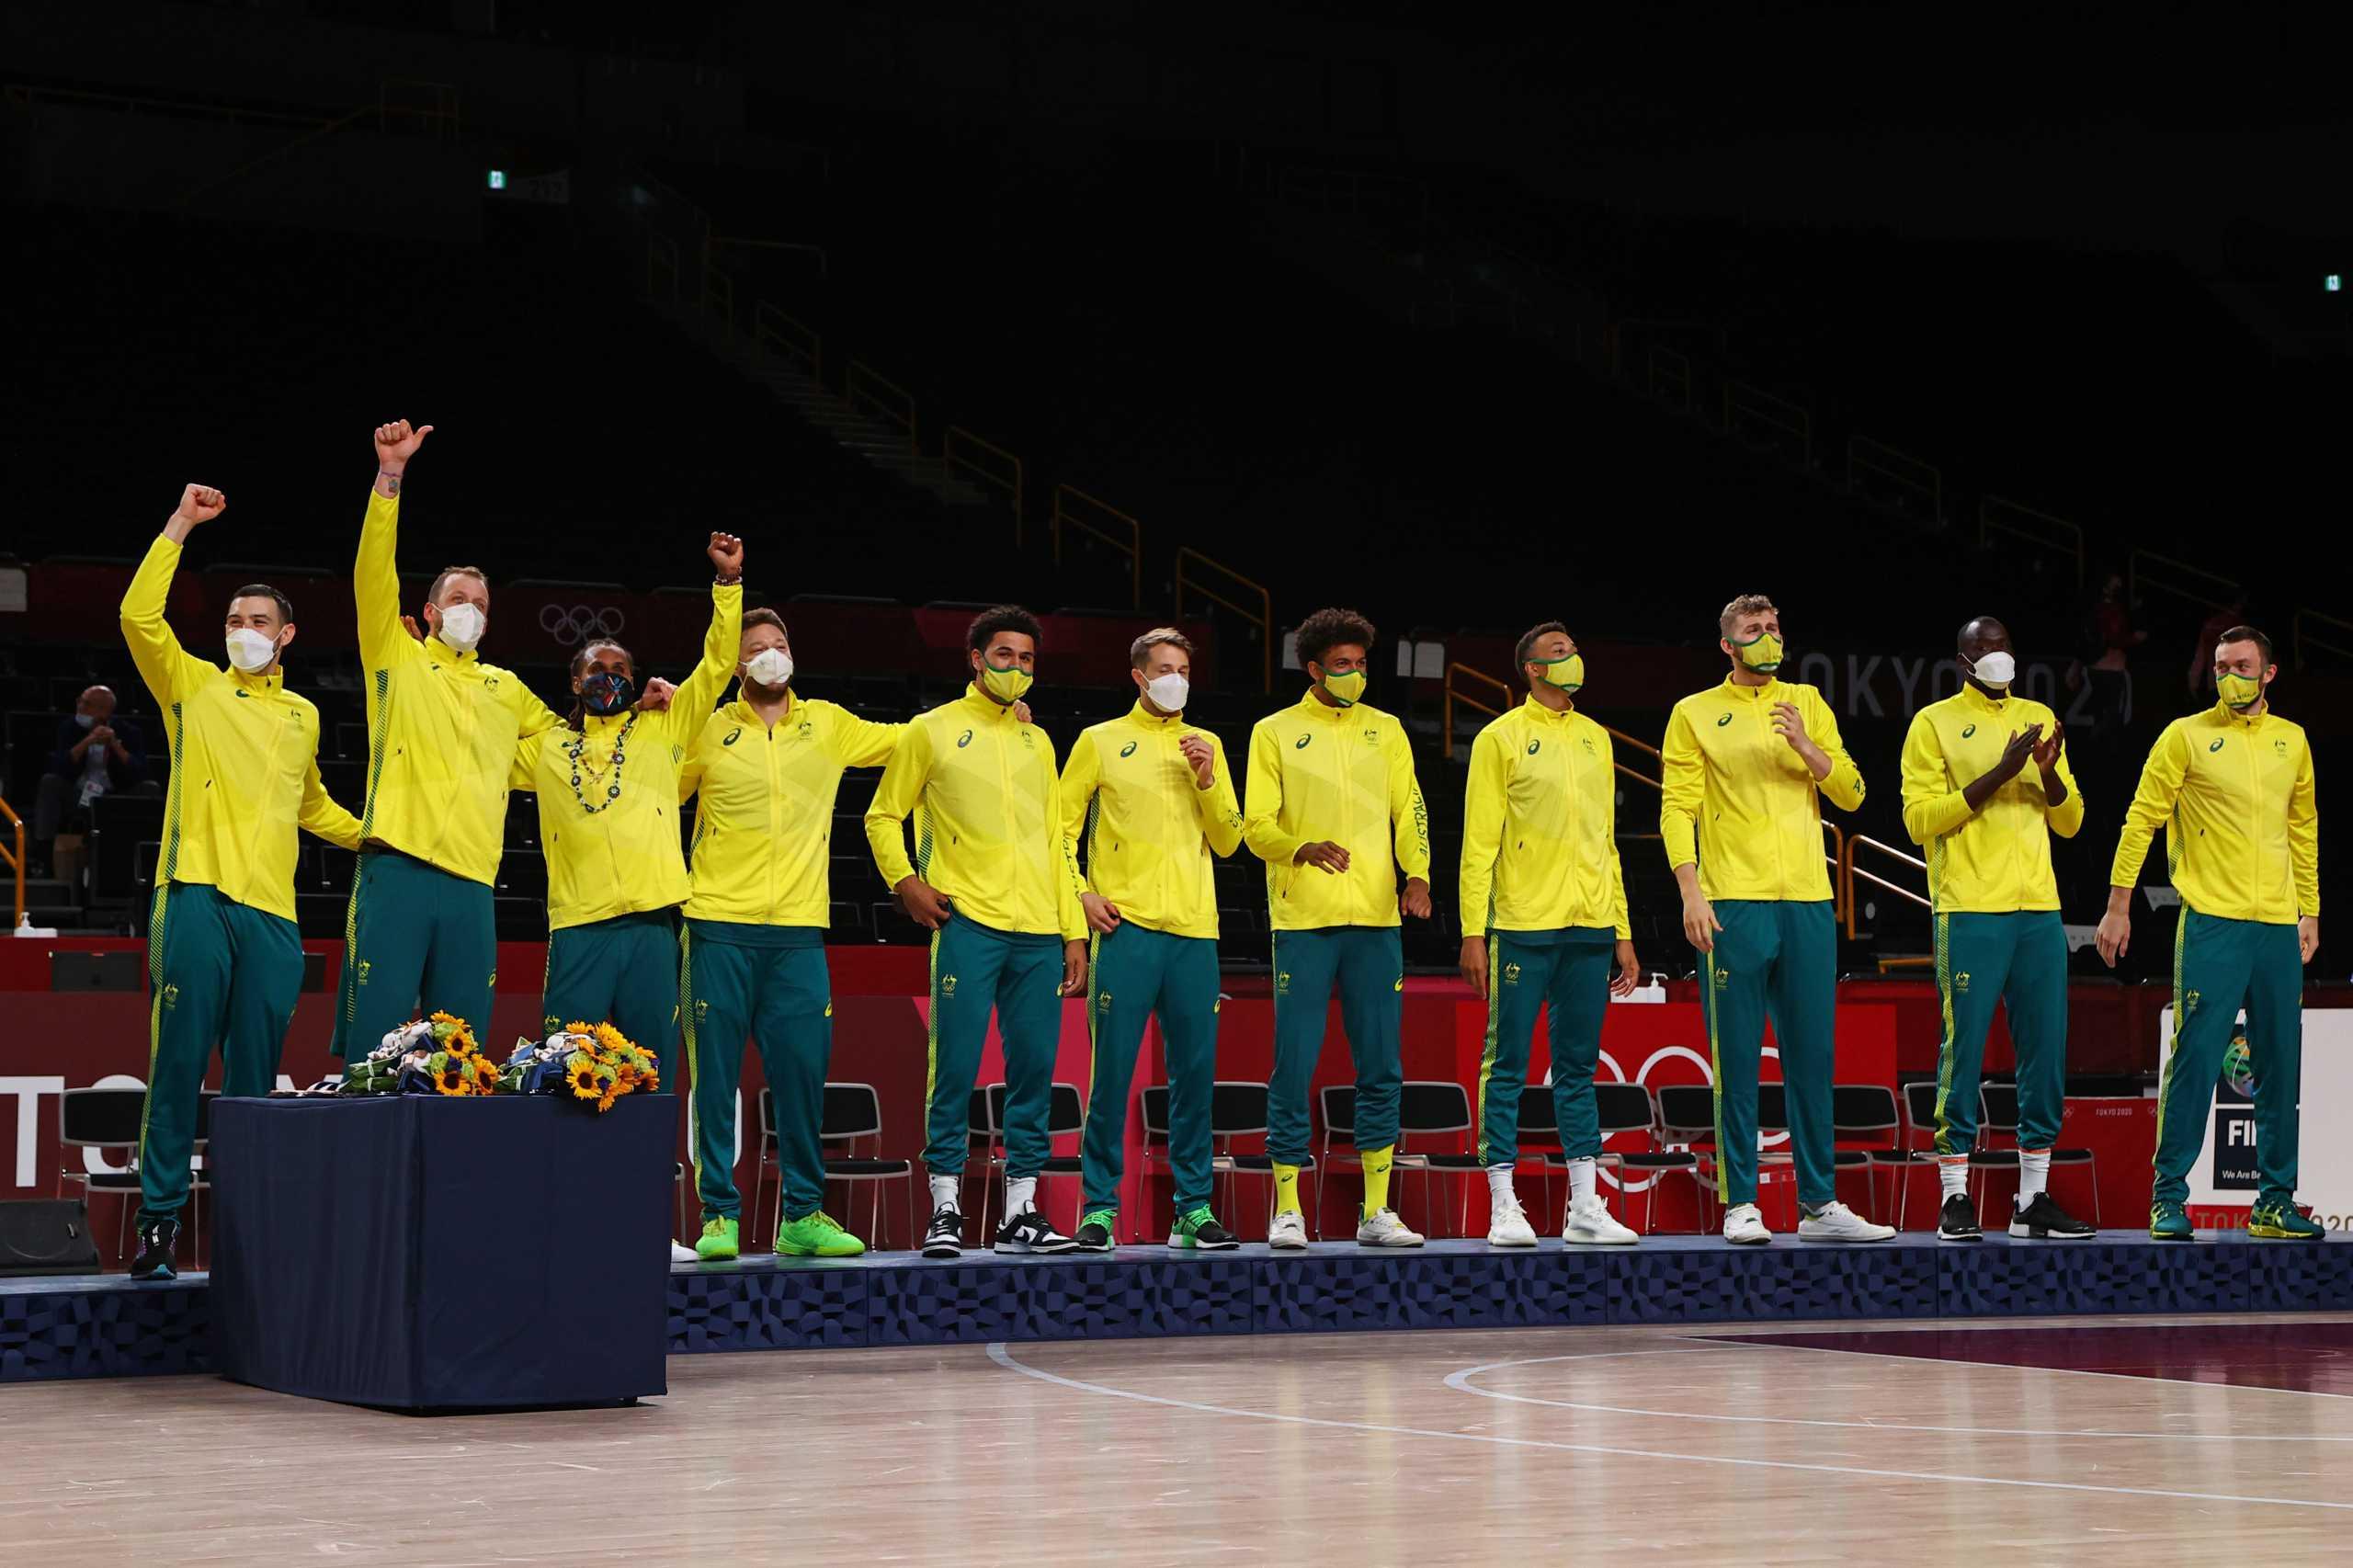 Ολυμπιακοί Αγώνες: «Χάλκινη» η Αυστραλία στο μπάσκετ, «λύγισε» τον Ντόντσιτς και την παρέα του